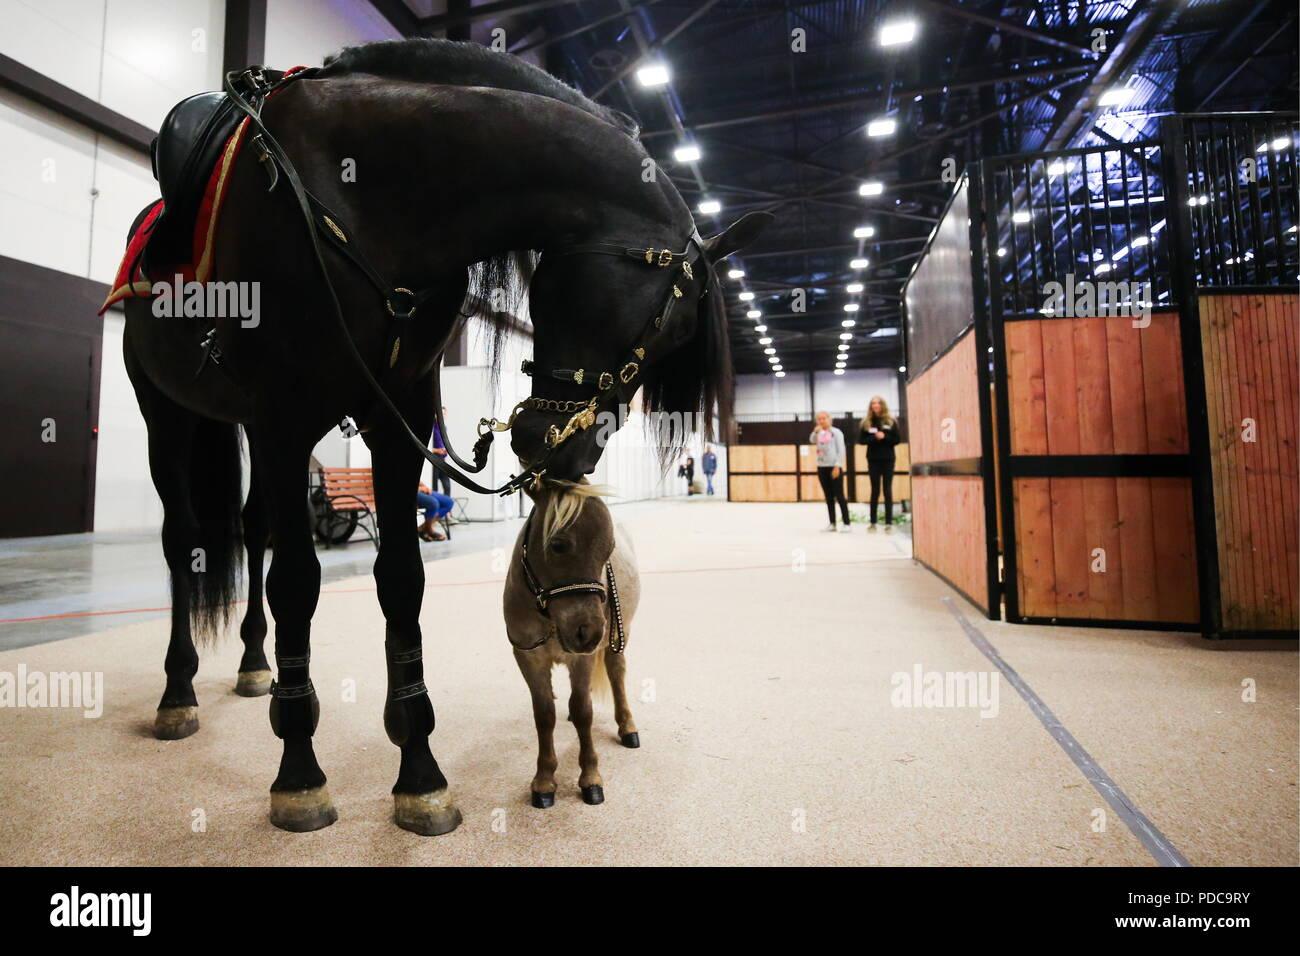 Saint-pétersbourg, Russie. Le 08 août, 2018. Saint-pétersbourg, RUSSIE - Août 8, 2018: Gulliver, le cheval le plus petit au monde, à la 20e Hipposphere équestre international à l'exposition Expoforum Convention and Exhibition Centre. La hauteur au garrot du cheval né d'un couple de chevaux miniatures américains à l'hidalgo pony farm, est de 49 cm (19.29 in). Peter Kovalev/crédit: TASS ITAR-TASS News Agency/Alamy Live News Banque D'Images